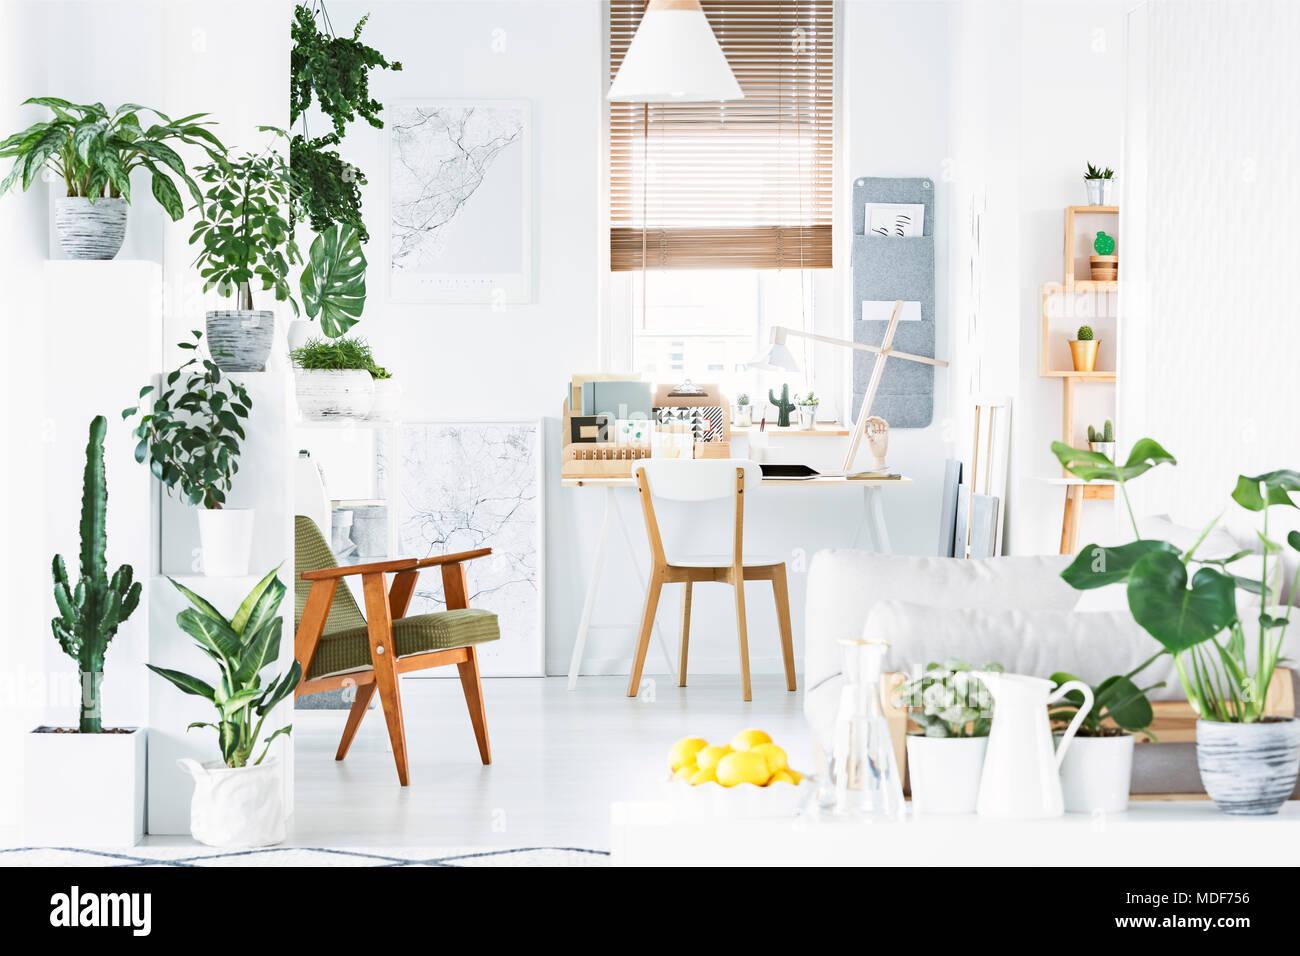 Botanische home office Einrichtung mit weißen Wänden, Holzstuhl, und Zitronen in einer Schale Stockbild